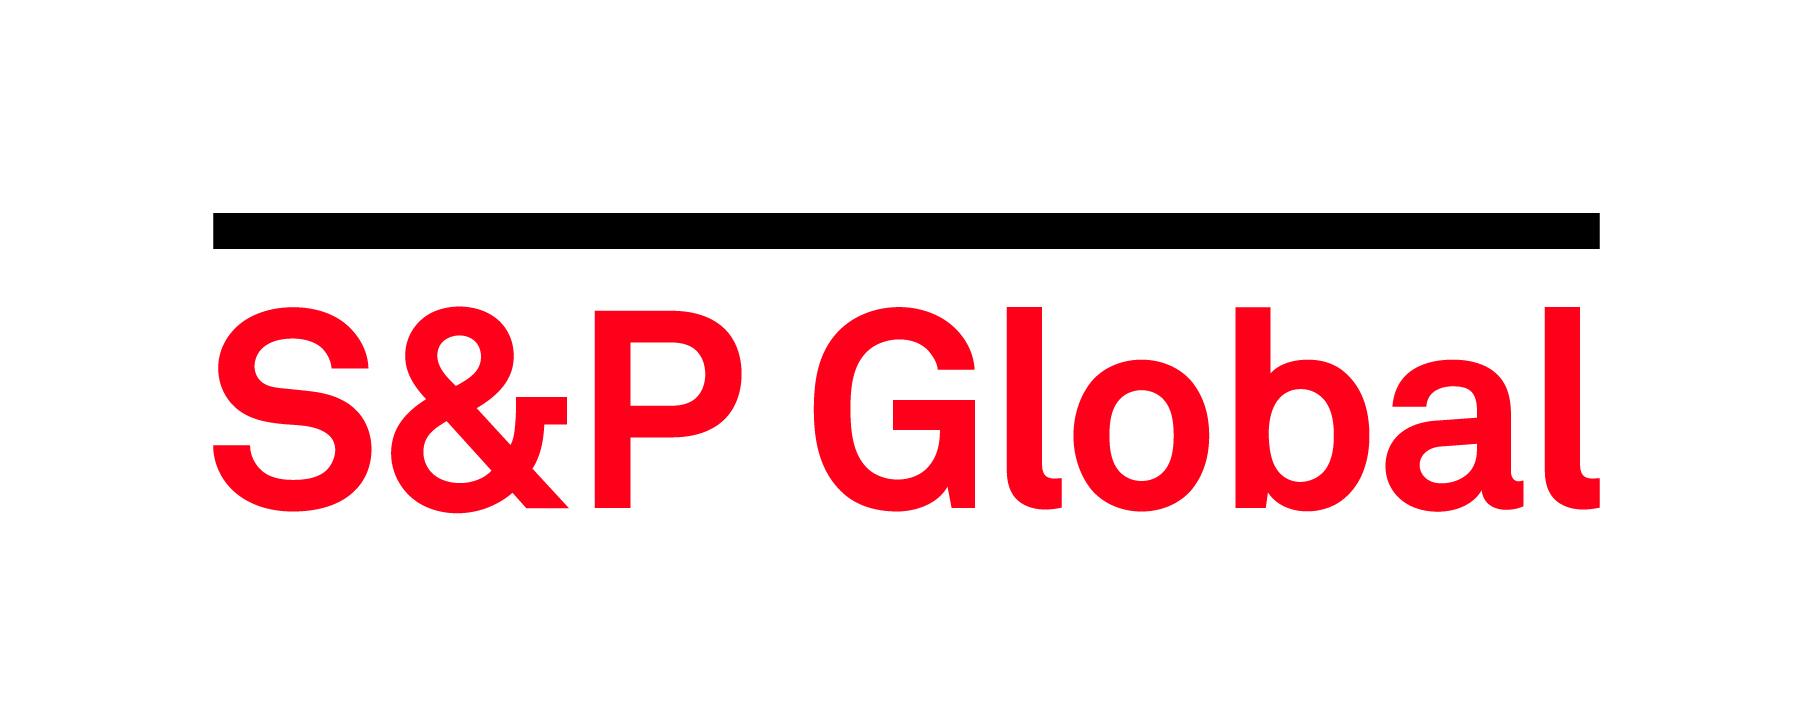 spg_bar_4cp_pos - for printing